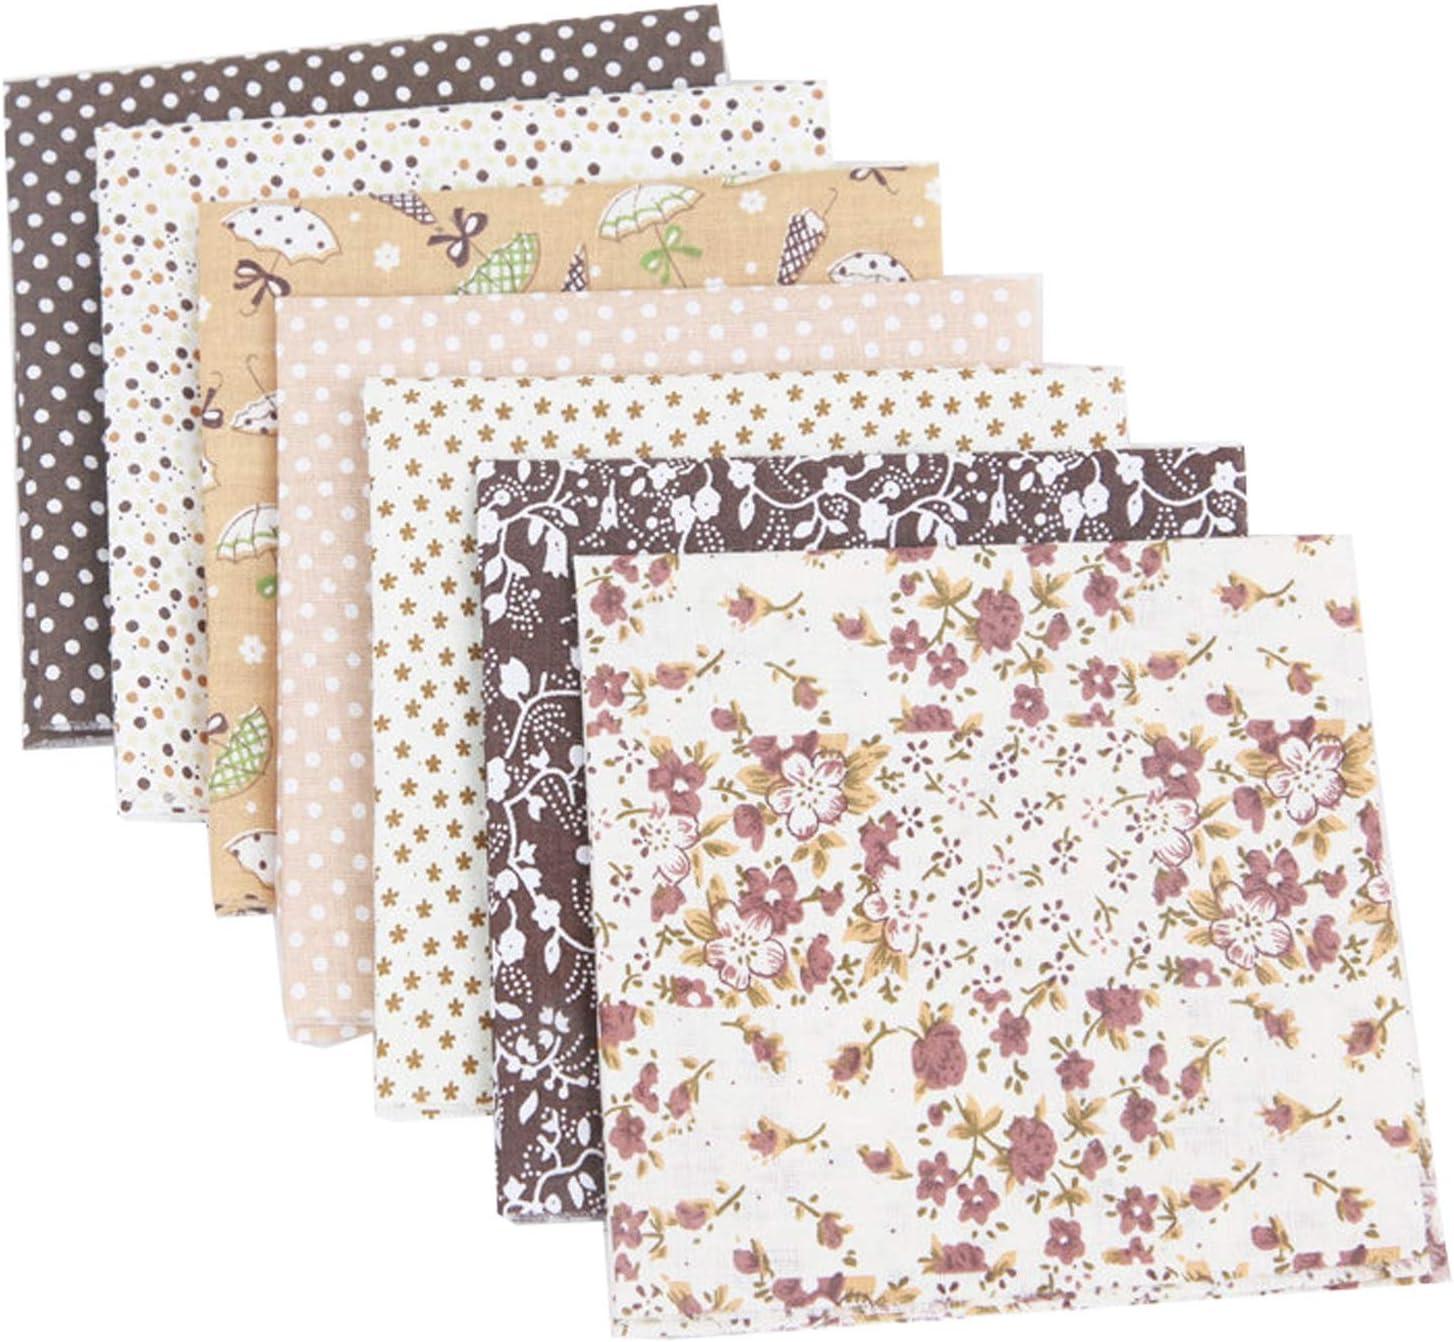 Travistar 7 Piezas 50 x 50cm Tela de Algodón Patchwork Paquete de Tela de Flores patrón Floral de Costura de Material Textil Manualidades Retales Algodón para Coser DIY Bricolaje, café